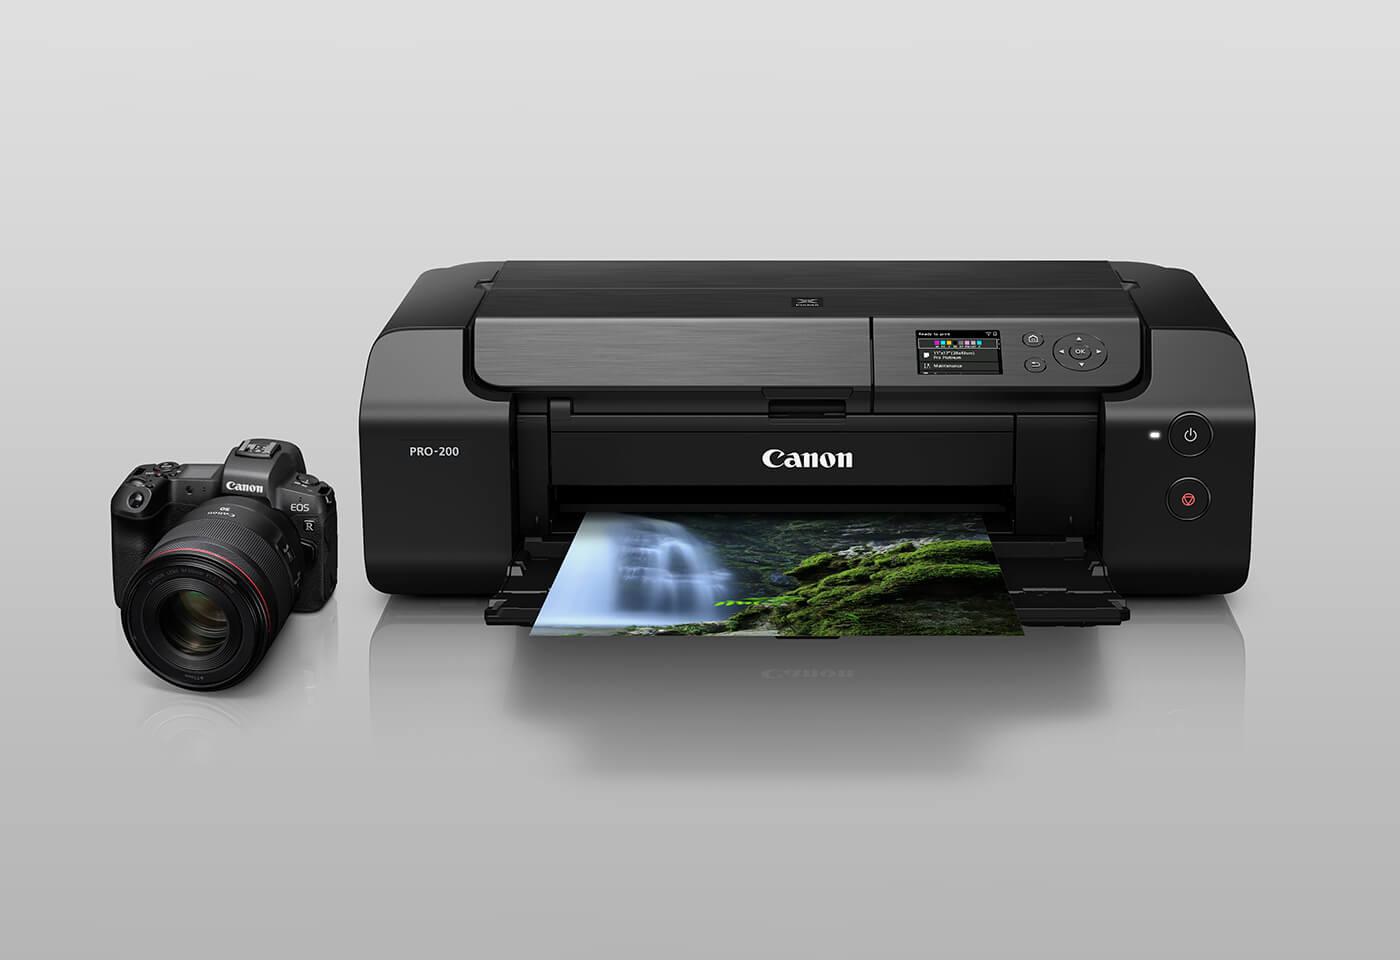 Integración perfecta con su flujo de trabajo de impresión fotográfica profesional